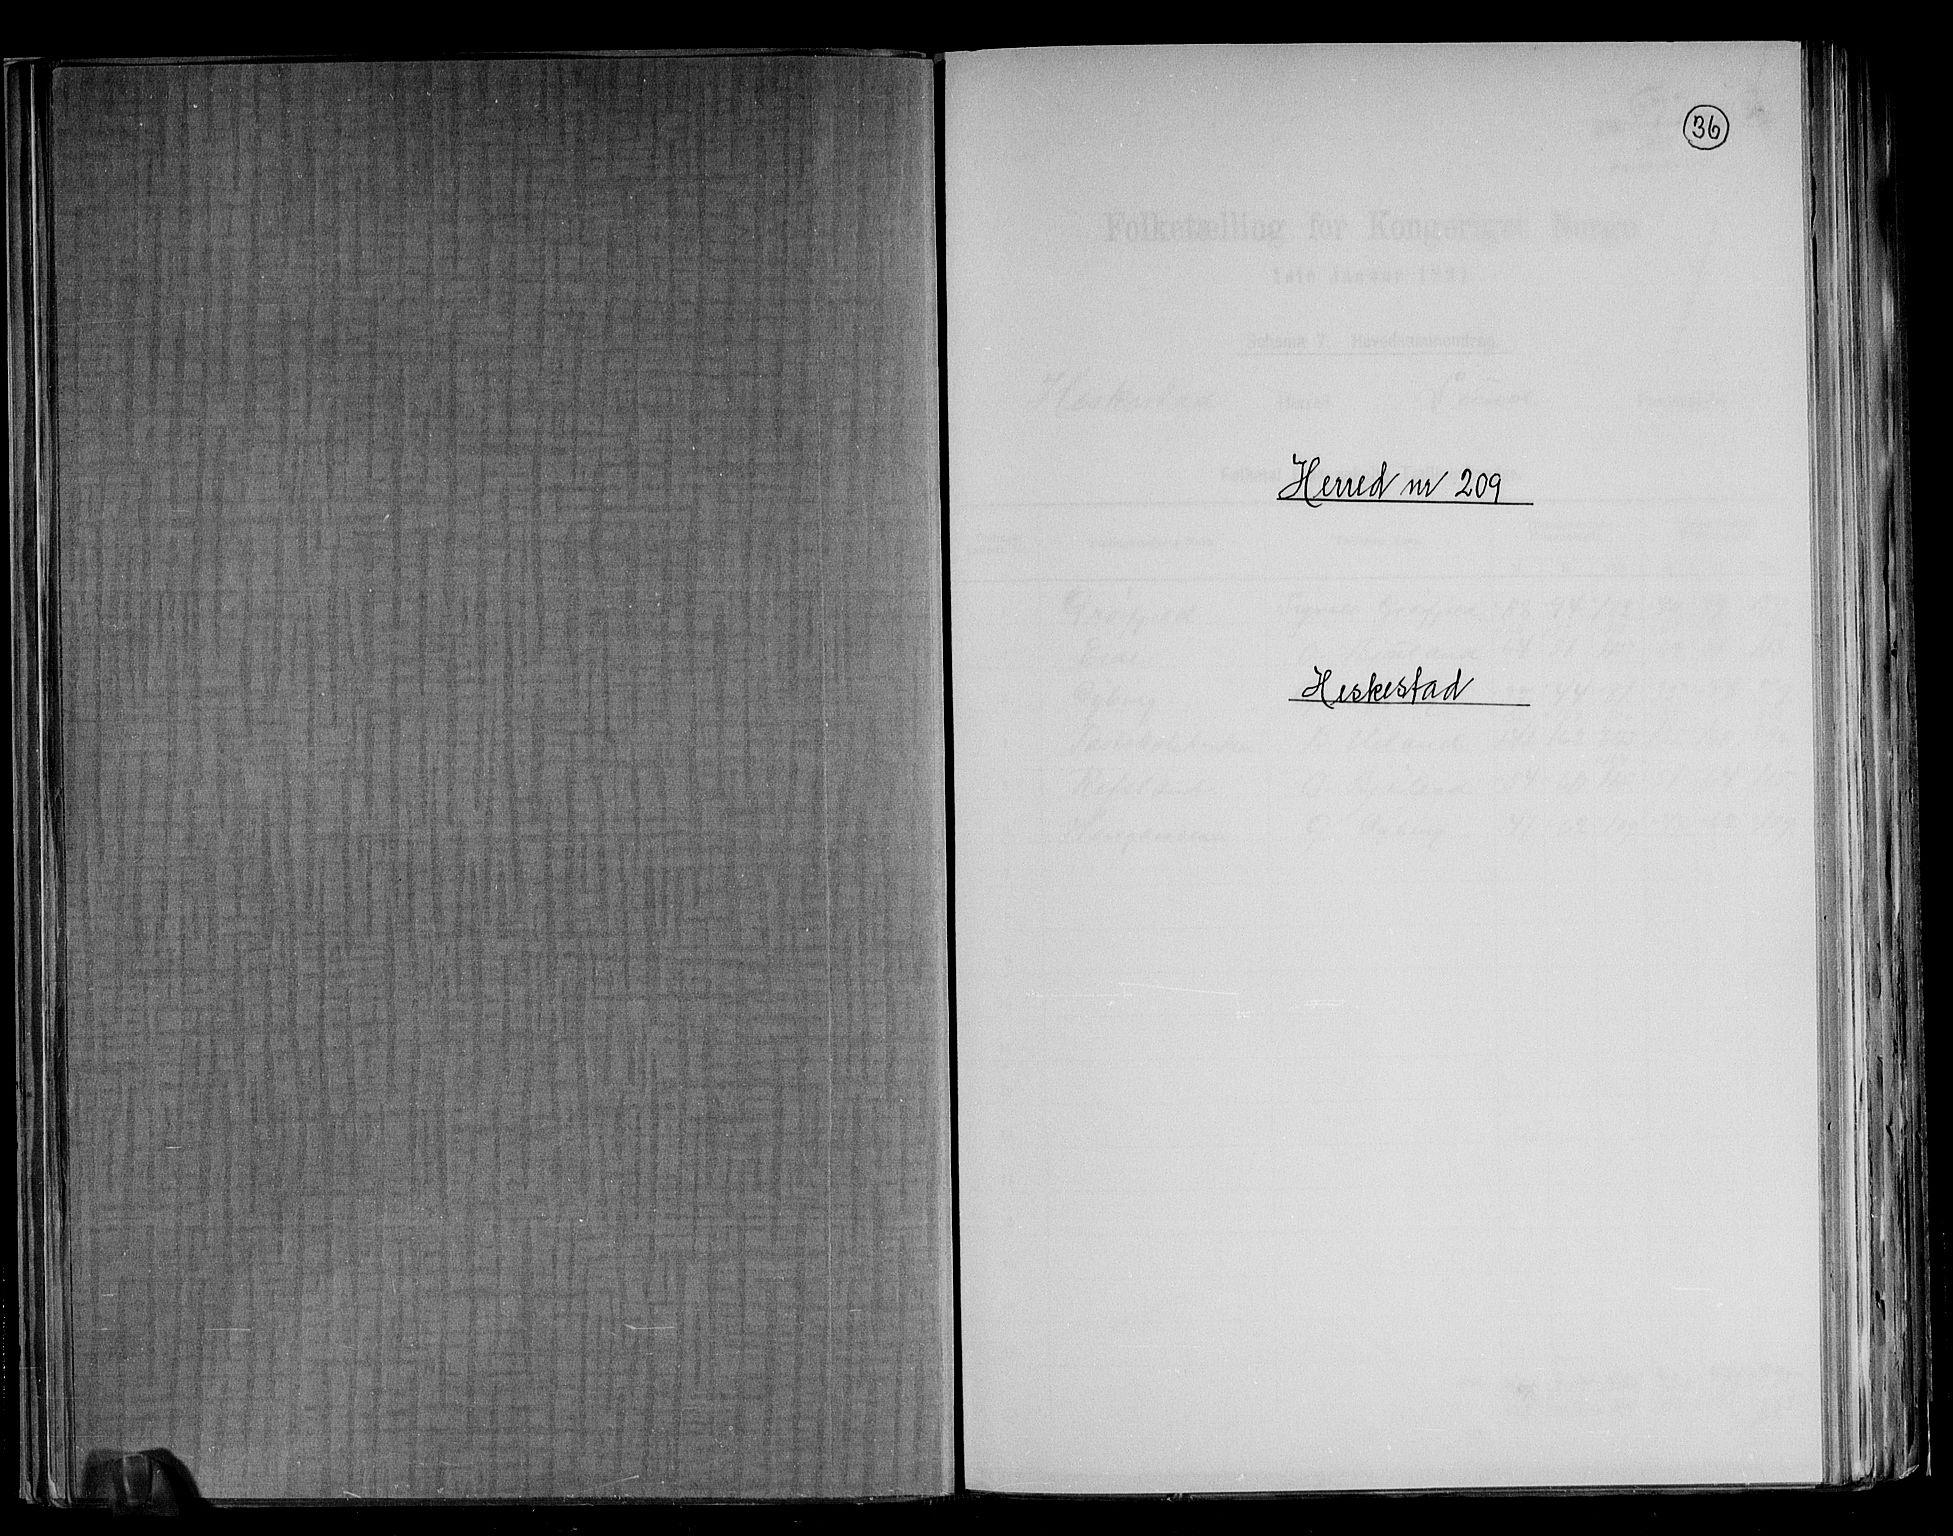 RA, Folketelling 1891 for 1113 Heskestad herred, 1891, s. 1